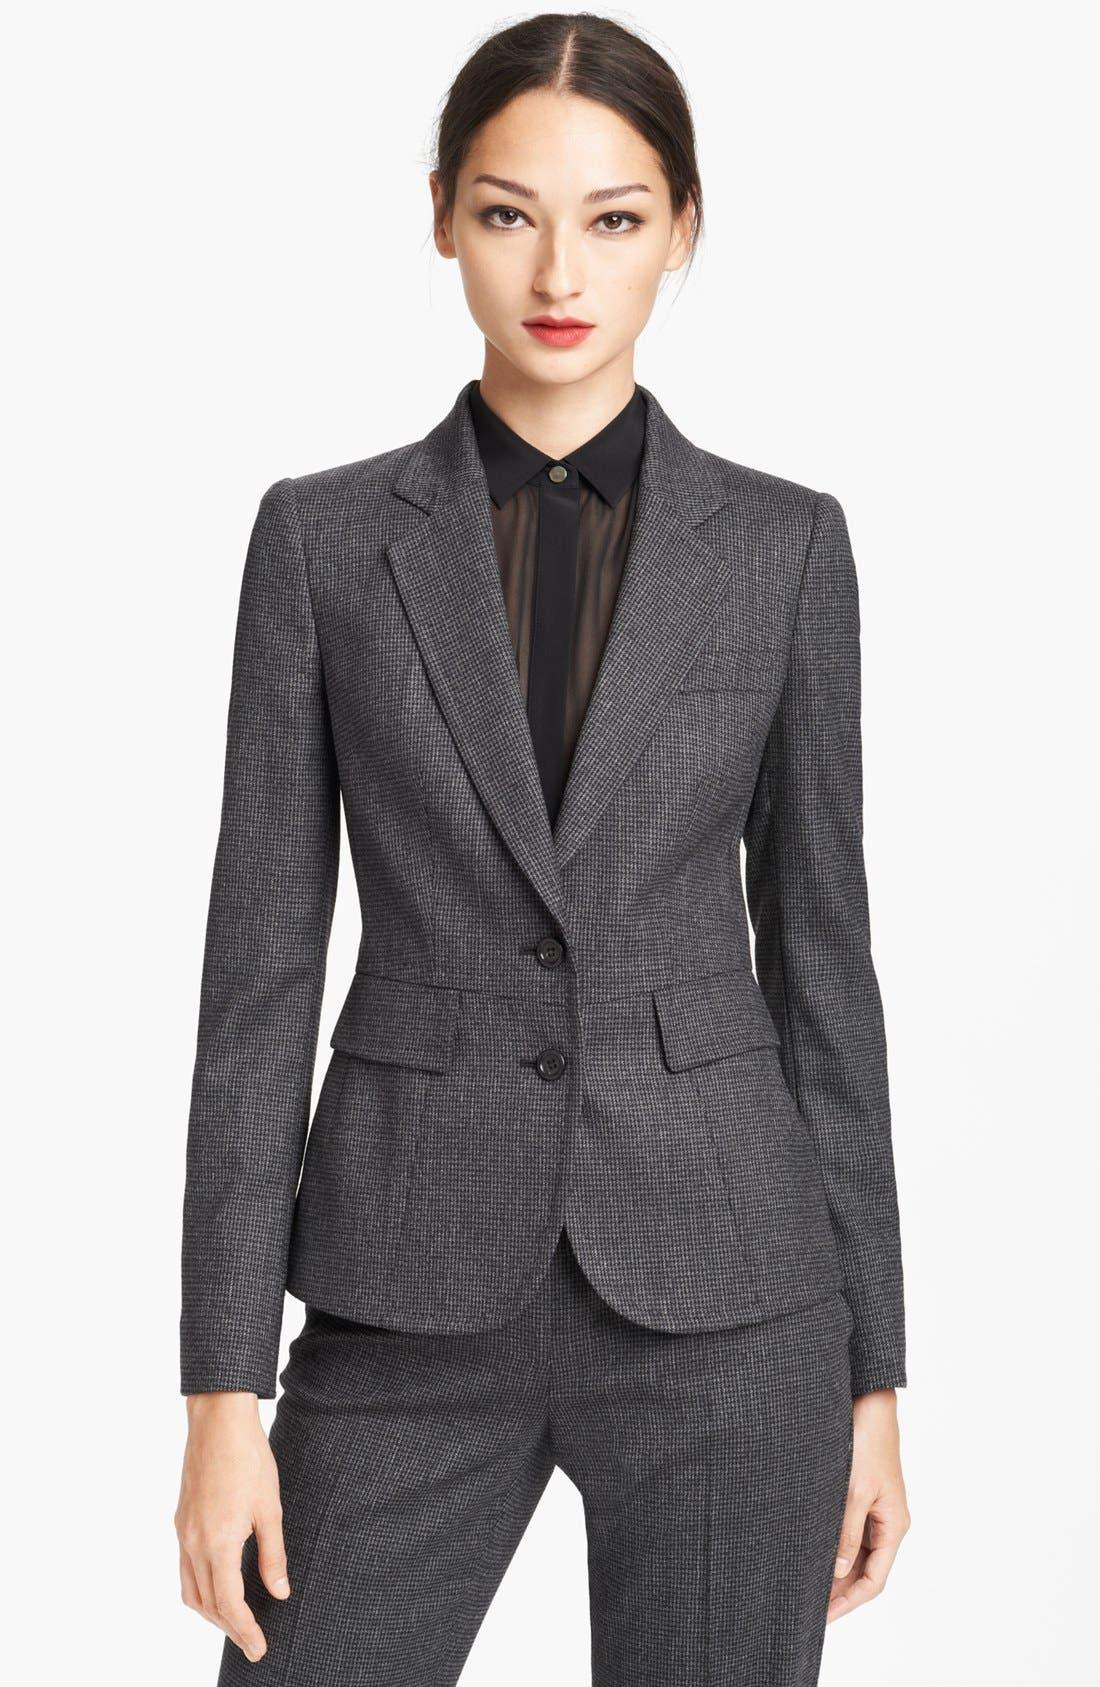 Main Image - Dolce&Gabbana Houndstooth Jacket